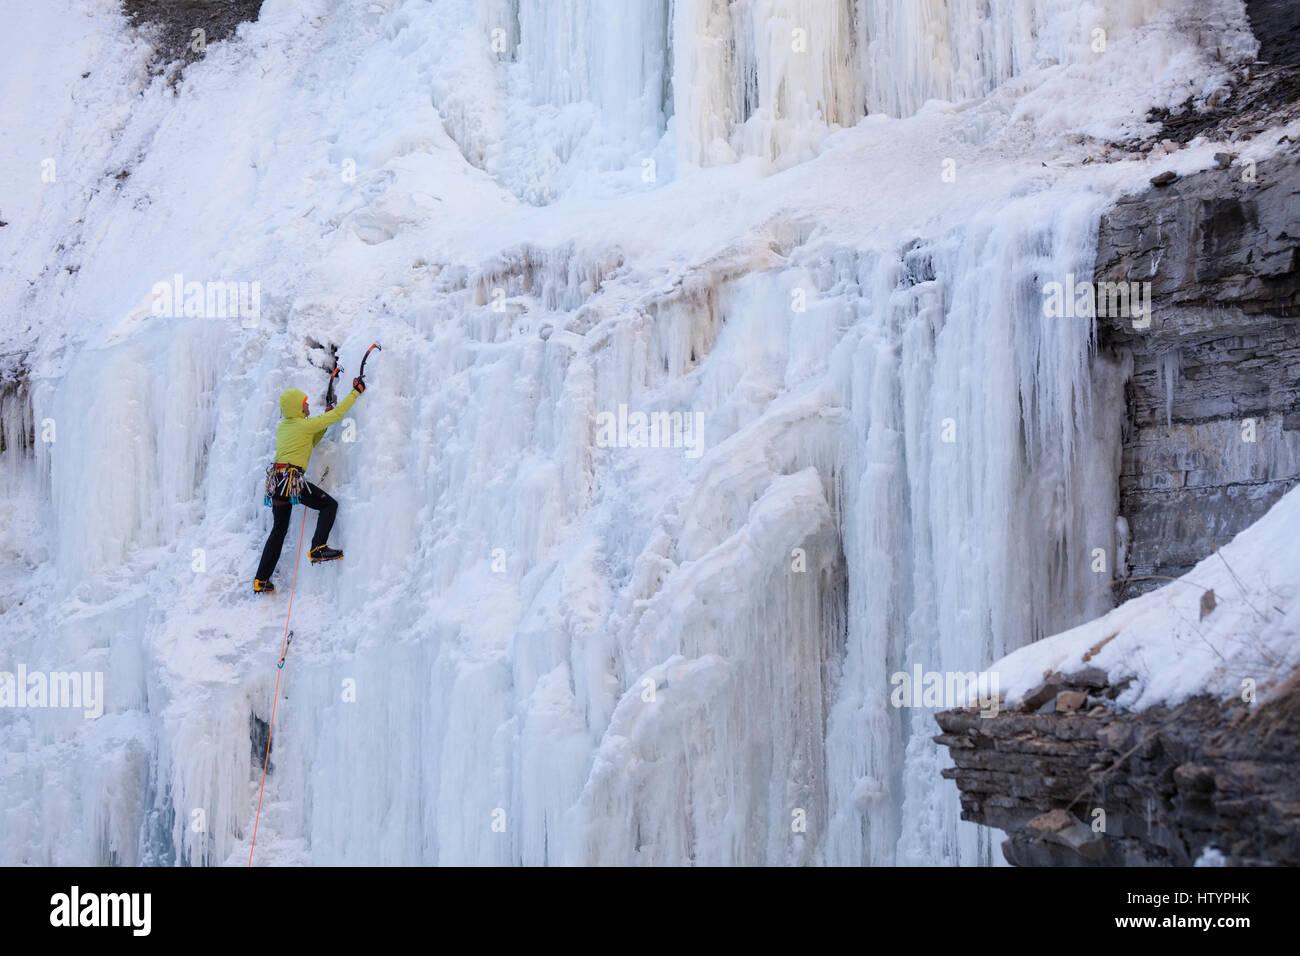 An ice climber climbing the frozen Buttermilk Falls in Hamilton, Ontario, Canada. - Stock Image